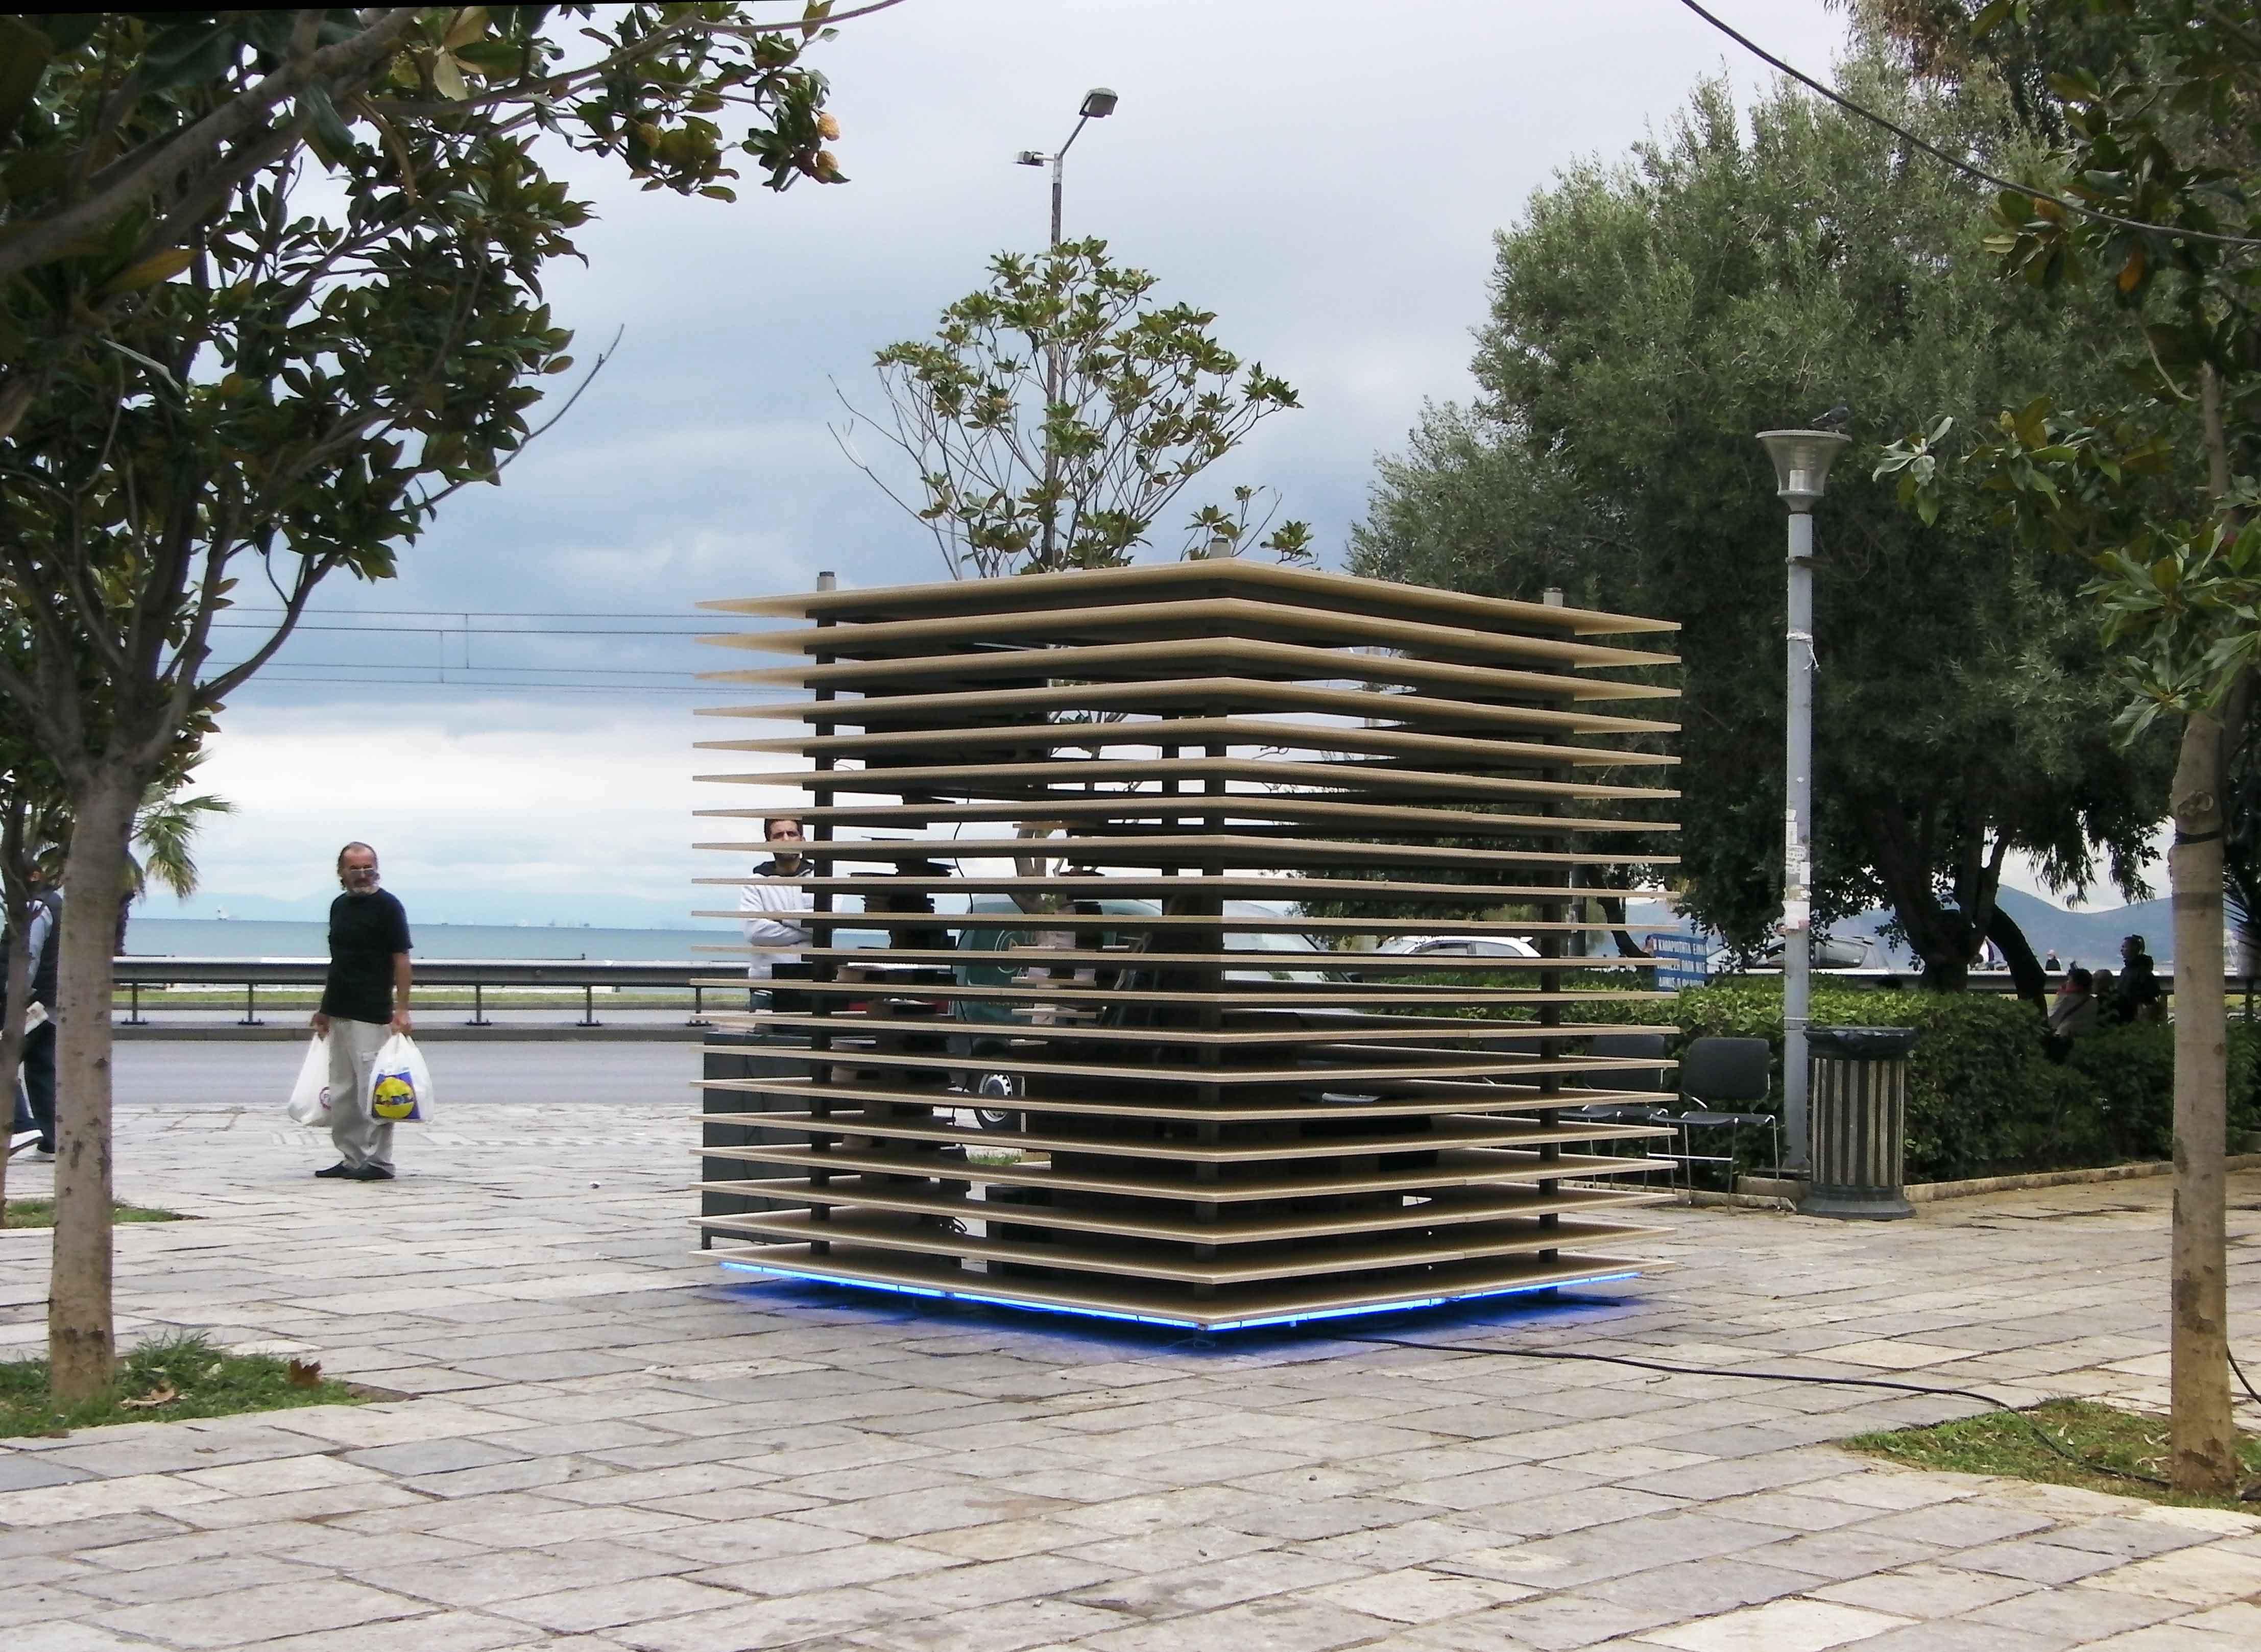 Kiosk For OCC Werner Maritsas